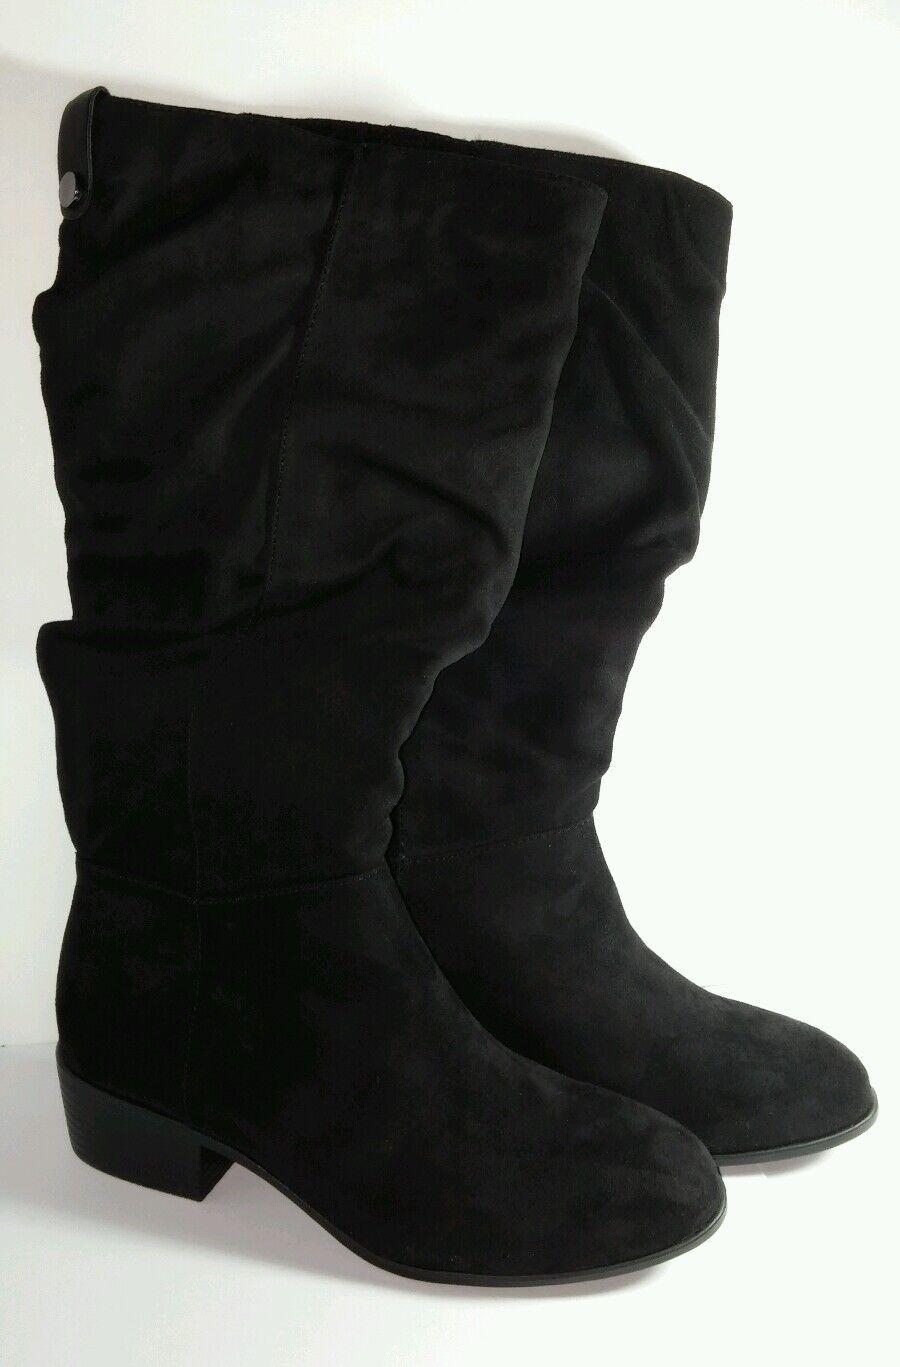 CANDIES Bennigan noir grande taille 6 Femme Chaussure Talon Bottes démarrage New Ret  79 Neuf Avec Étiquettes